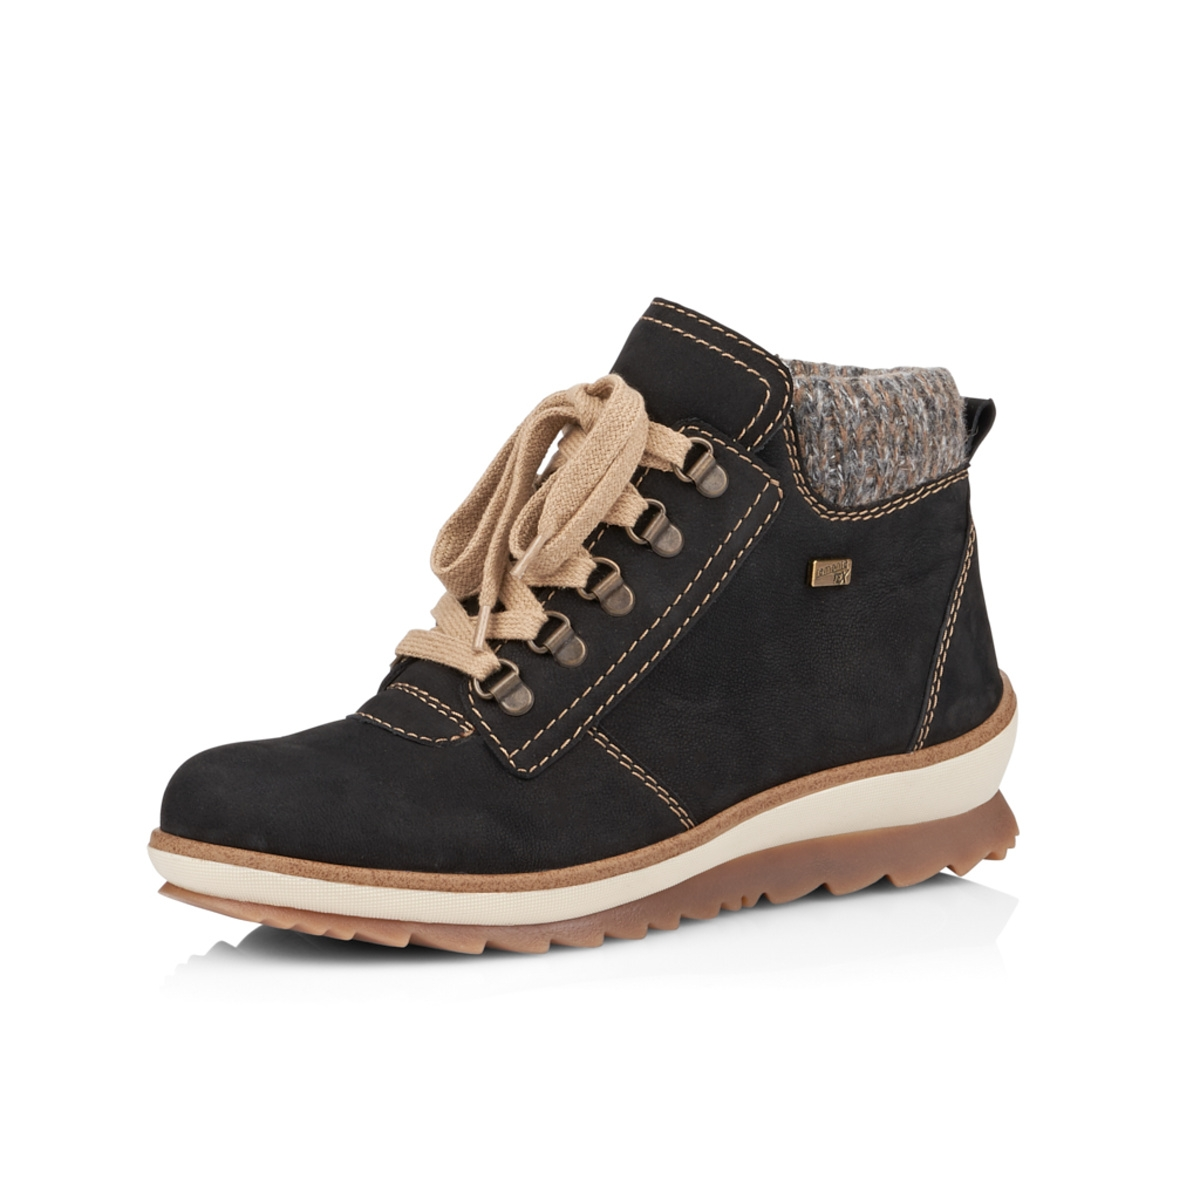 a16247795e detail Dámska obuv REMONTE BY RIEKER R4378 02 SCHWARZ KOMBI H W 8